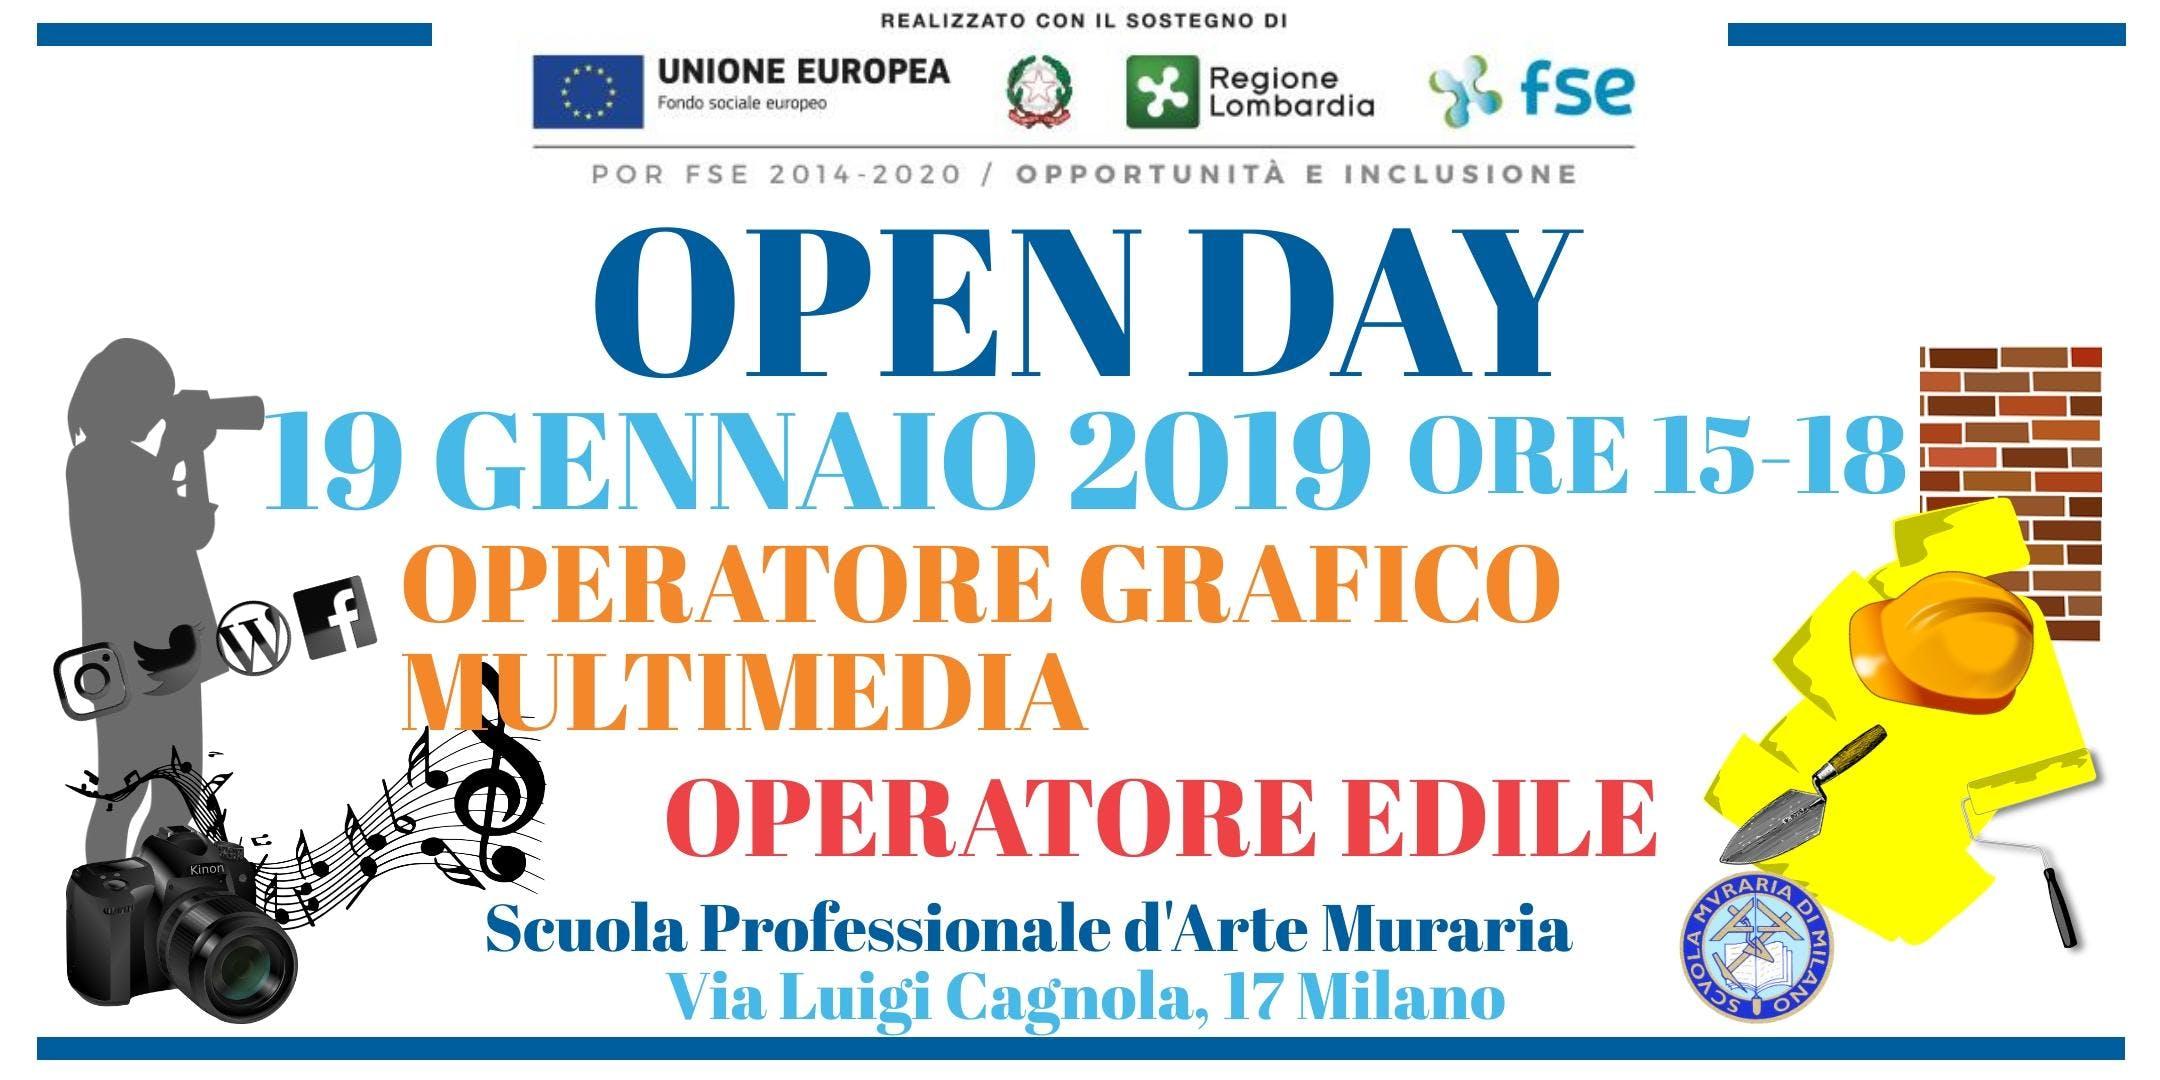 Open day Operatore grafico multimedia e operatore edile